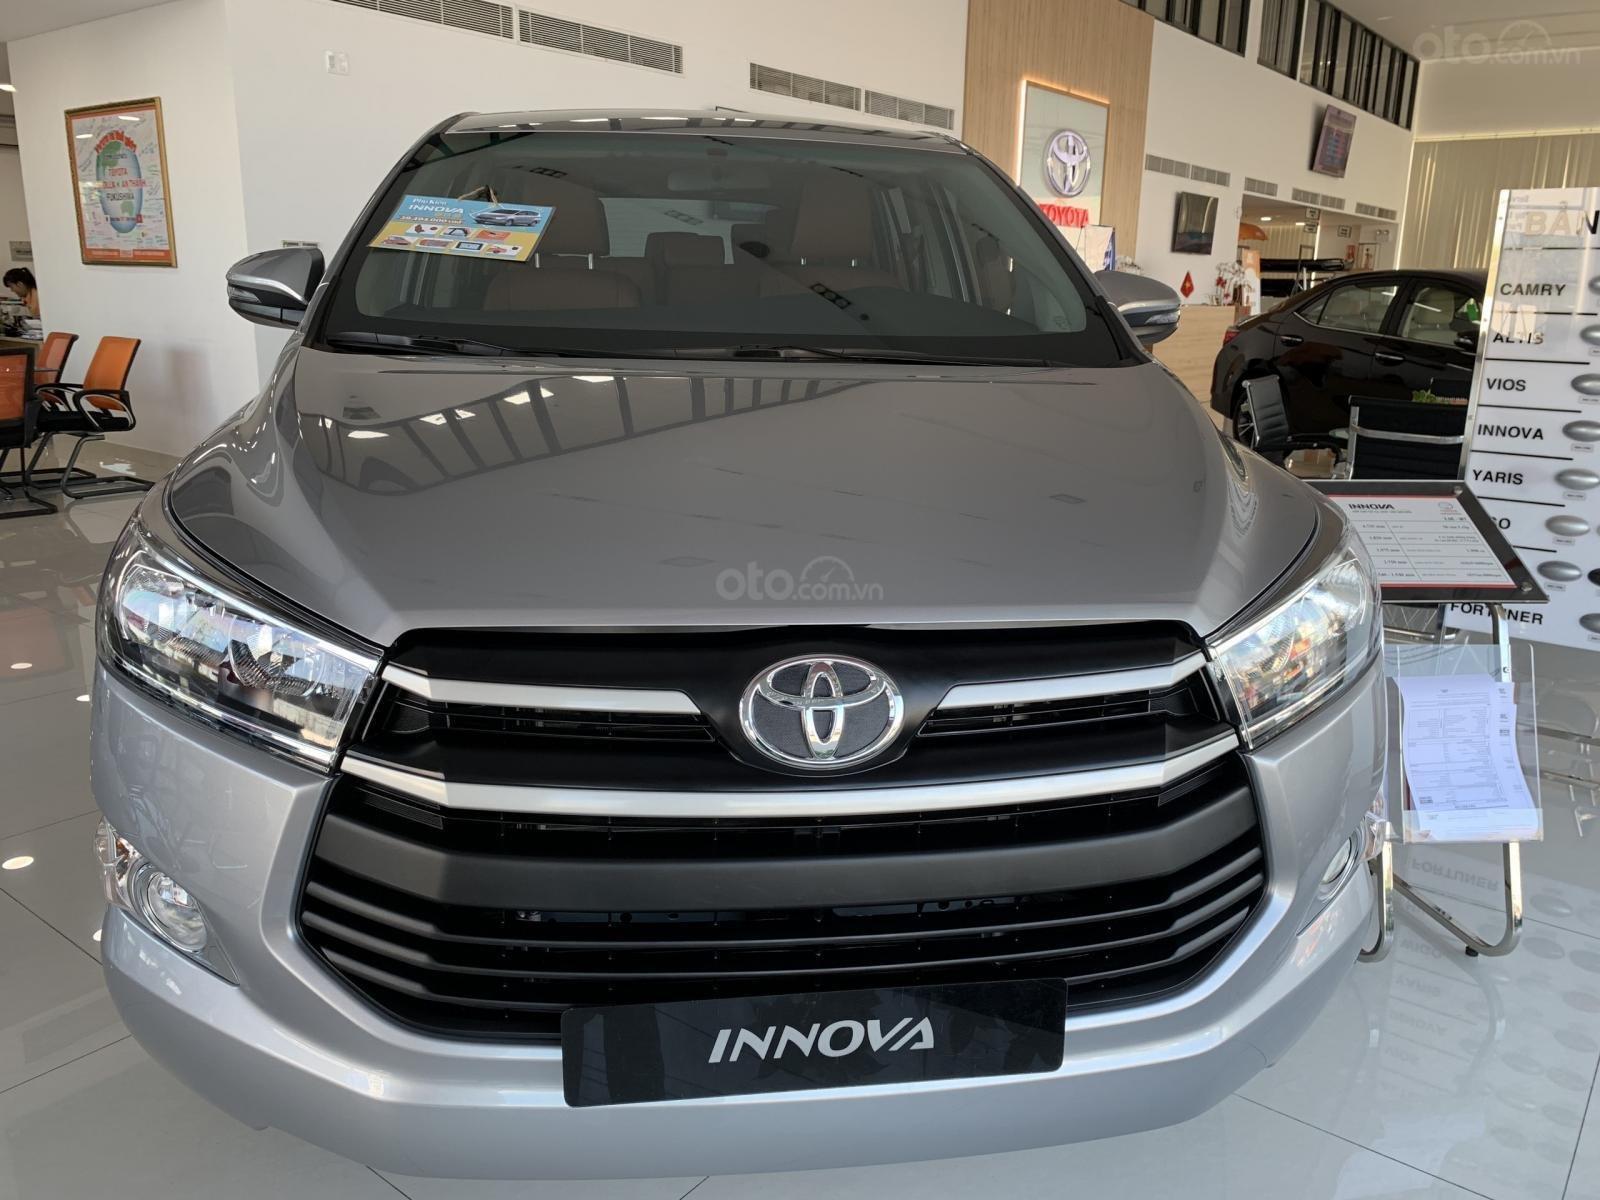 Bán Toyota Innova 2.0E MT 2019, khuyến mãi cực khủng, màu bạc giao ngay. LH: 0943.134.210-0